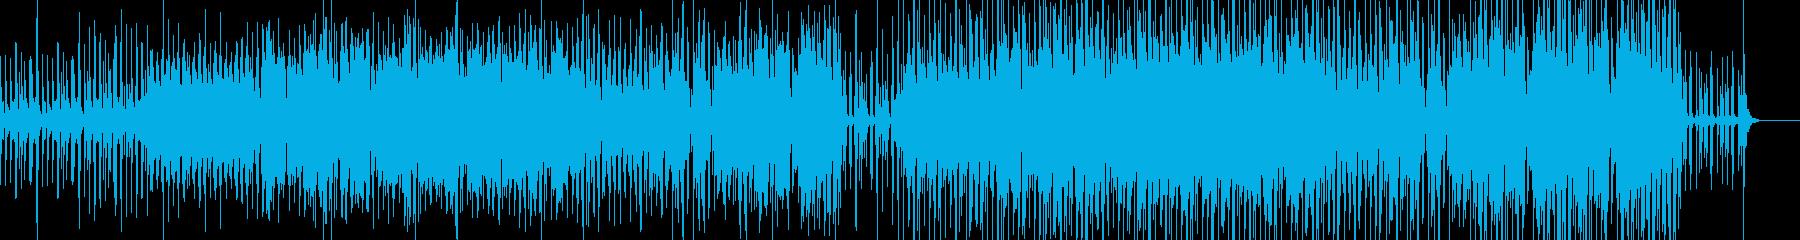 お祭り気分・昭和歌謡曲風ポップ Lの再生済みの波形